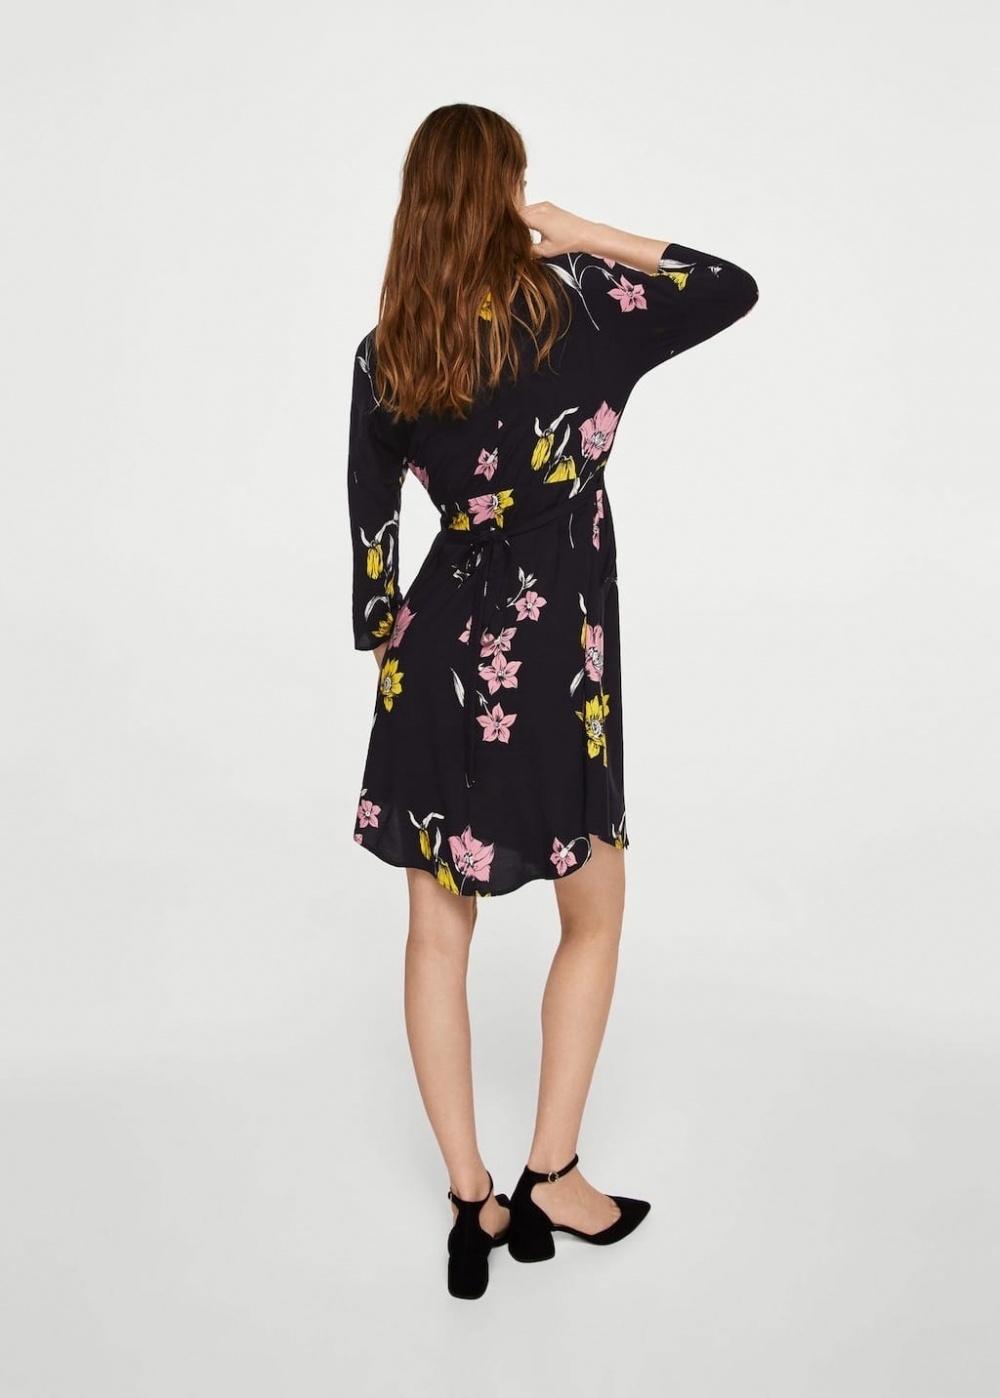 Сет из трёх платьев, Mango Fransa Yumi